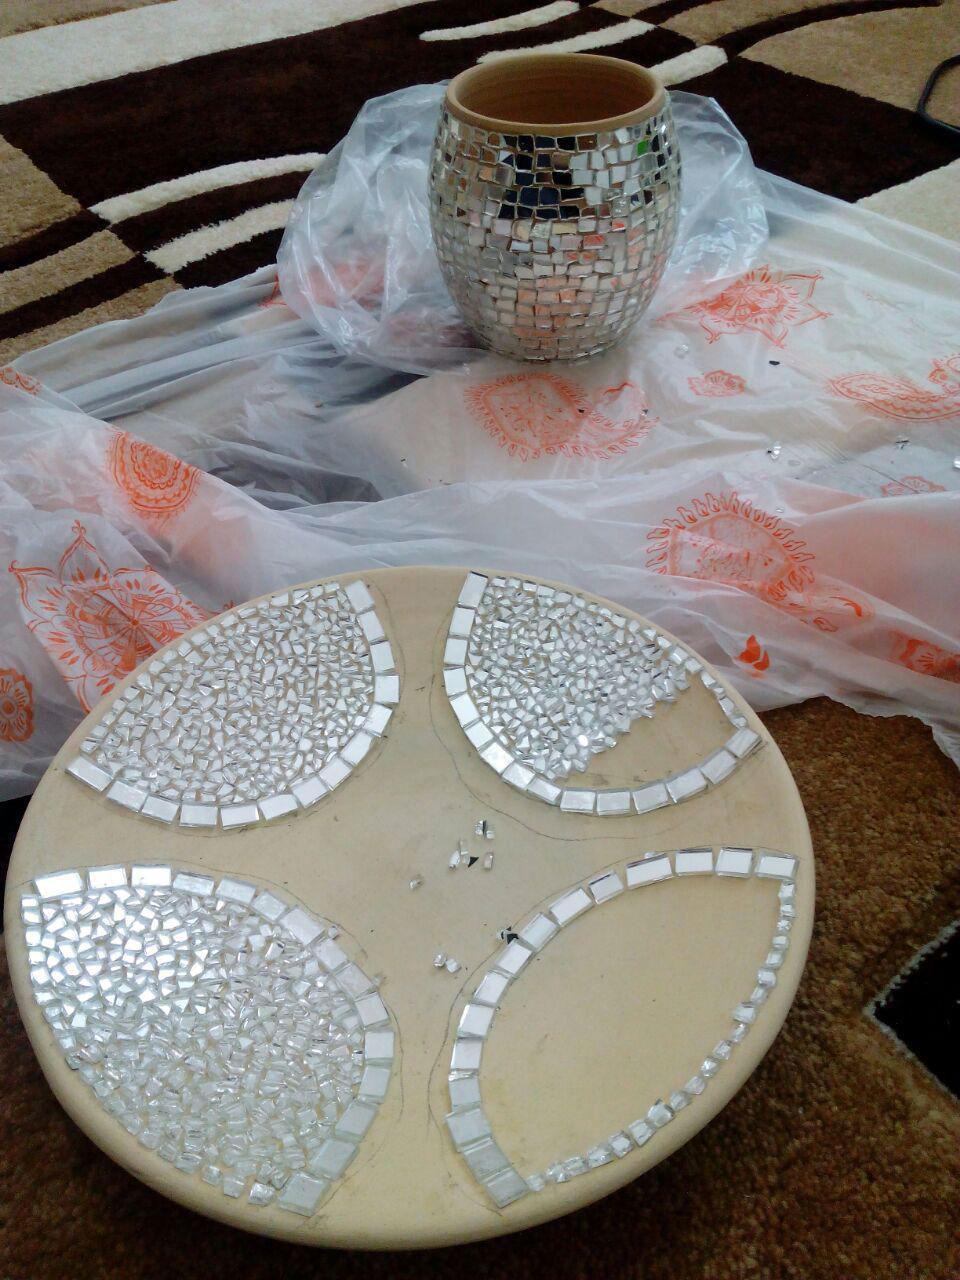 آموزش هنرهای دستی  , آموزش آینه کاری روی سفال + فیلم آموزشی | آینه کاری روی ظروف